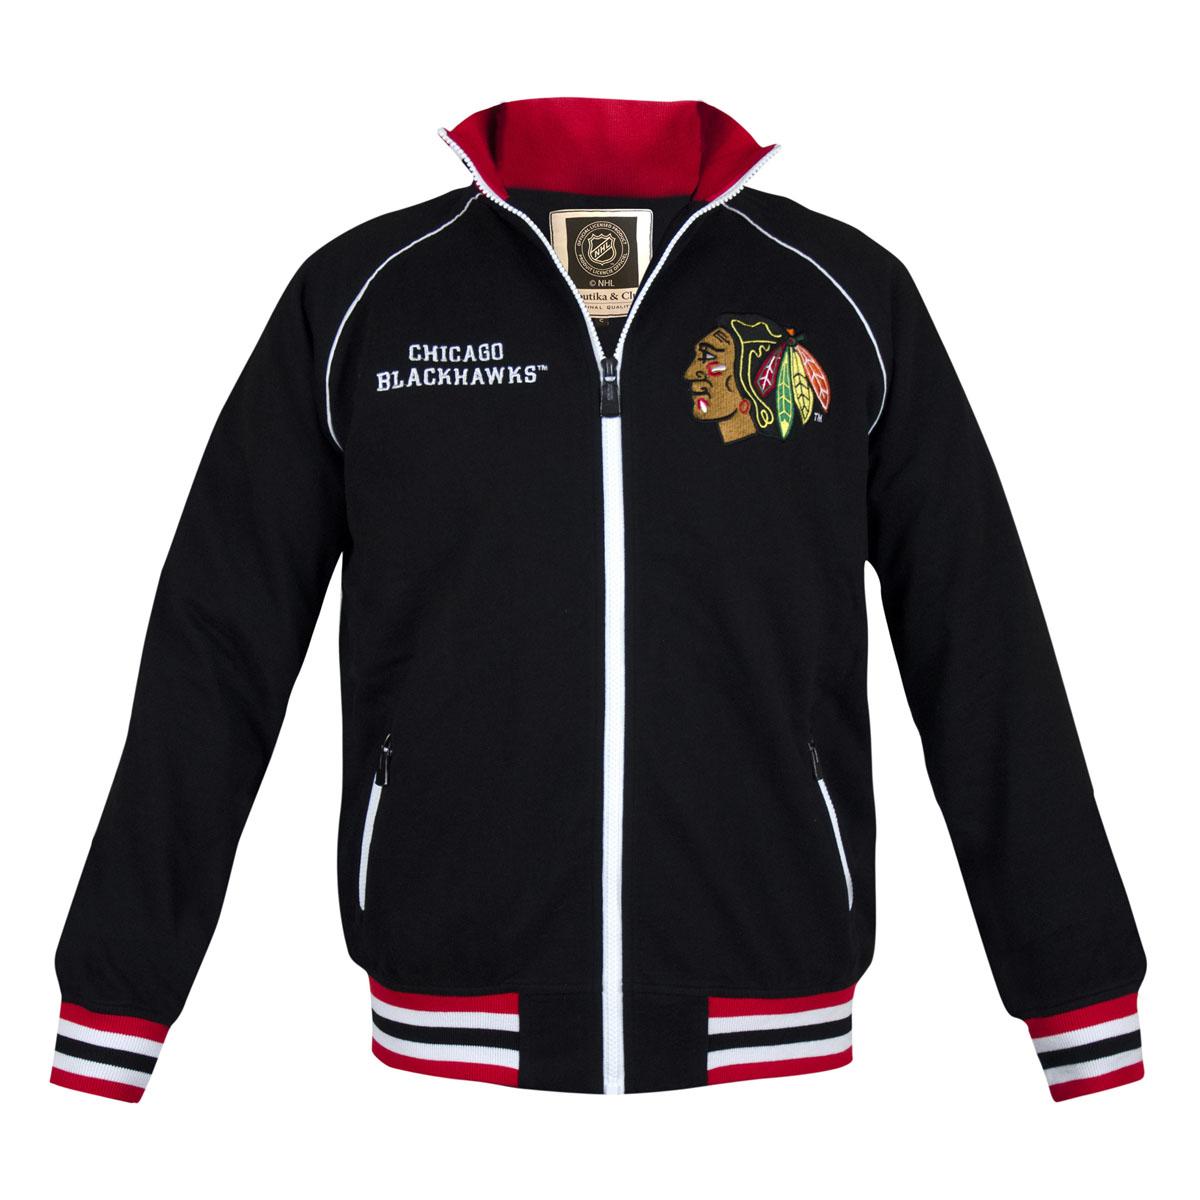 Толстовка мужская NHL Chicago Blackhawks, цвет: черный. 35570. Размер M (48)35570Мужская толстовка NHL Chicago Blackhawks, изготовленная из натурального хлопка, очень мягкая и приятная наощупь, не сковывает движения, обеспечивая наибольший комфорт.Толстовка с небольшим воротником-стойкой и длинными рукавами-реглан застегивается на молнию по всей длине. Снизумодели предусмотрена широкая мягкая резинка, которая предотвращает проникновение холодного воздуха.Рукава дополнены эластичными манжетами. Воротник, резинка и манжеты выполнены трикотажной резинкой с контрастными полосками. Спереди расположены два прорезных кармана на застежках-молниях. Изделиеоформлено вышивкой с названием хоккейного клуба Chicago Blackhawks и аппликацией с его эмблемой.Стильная толстовка подарит вам комфорт и станет отличным дополнением к вашему гардеробу.